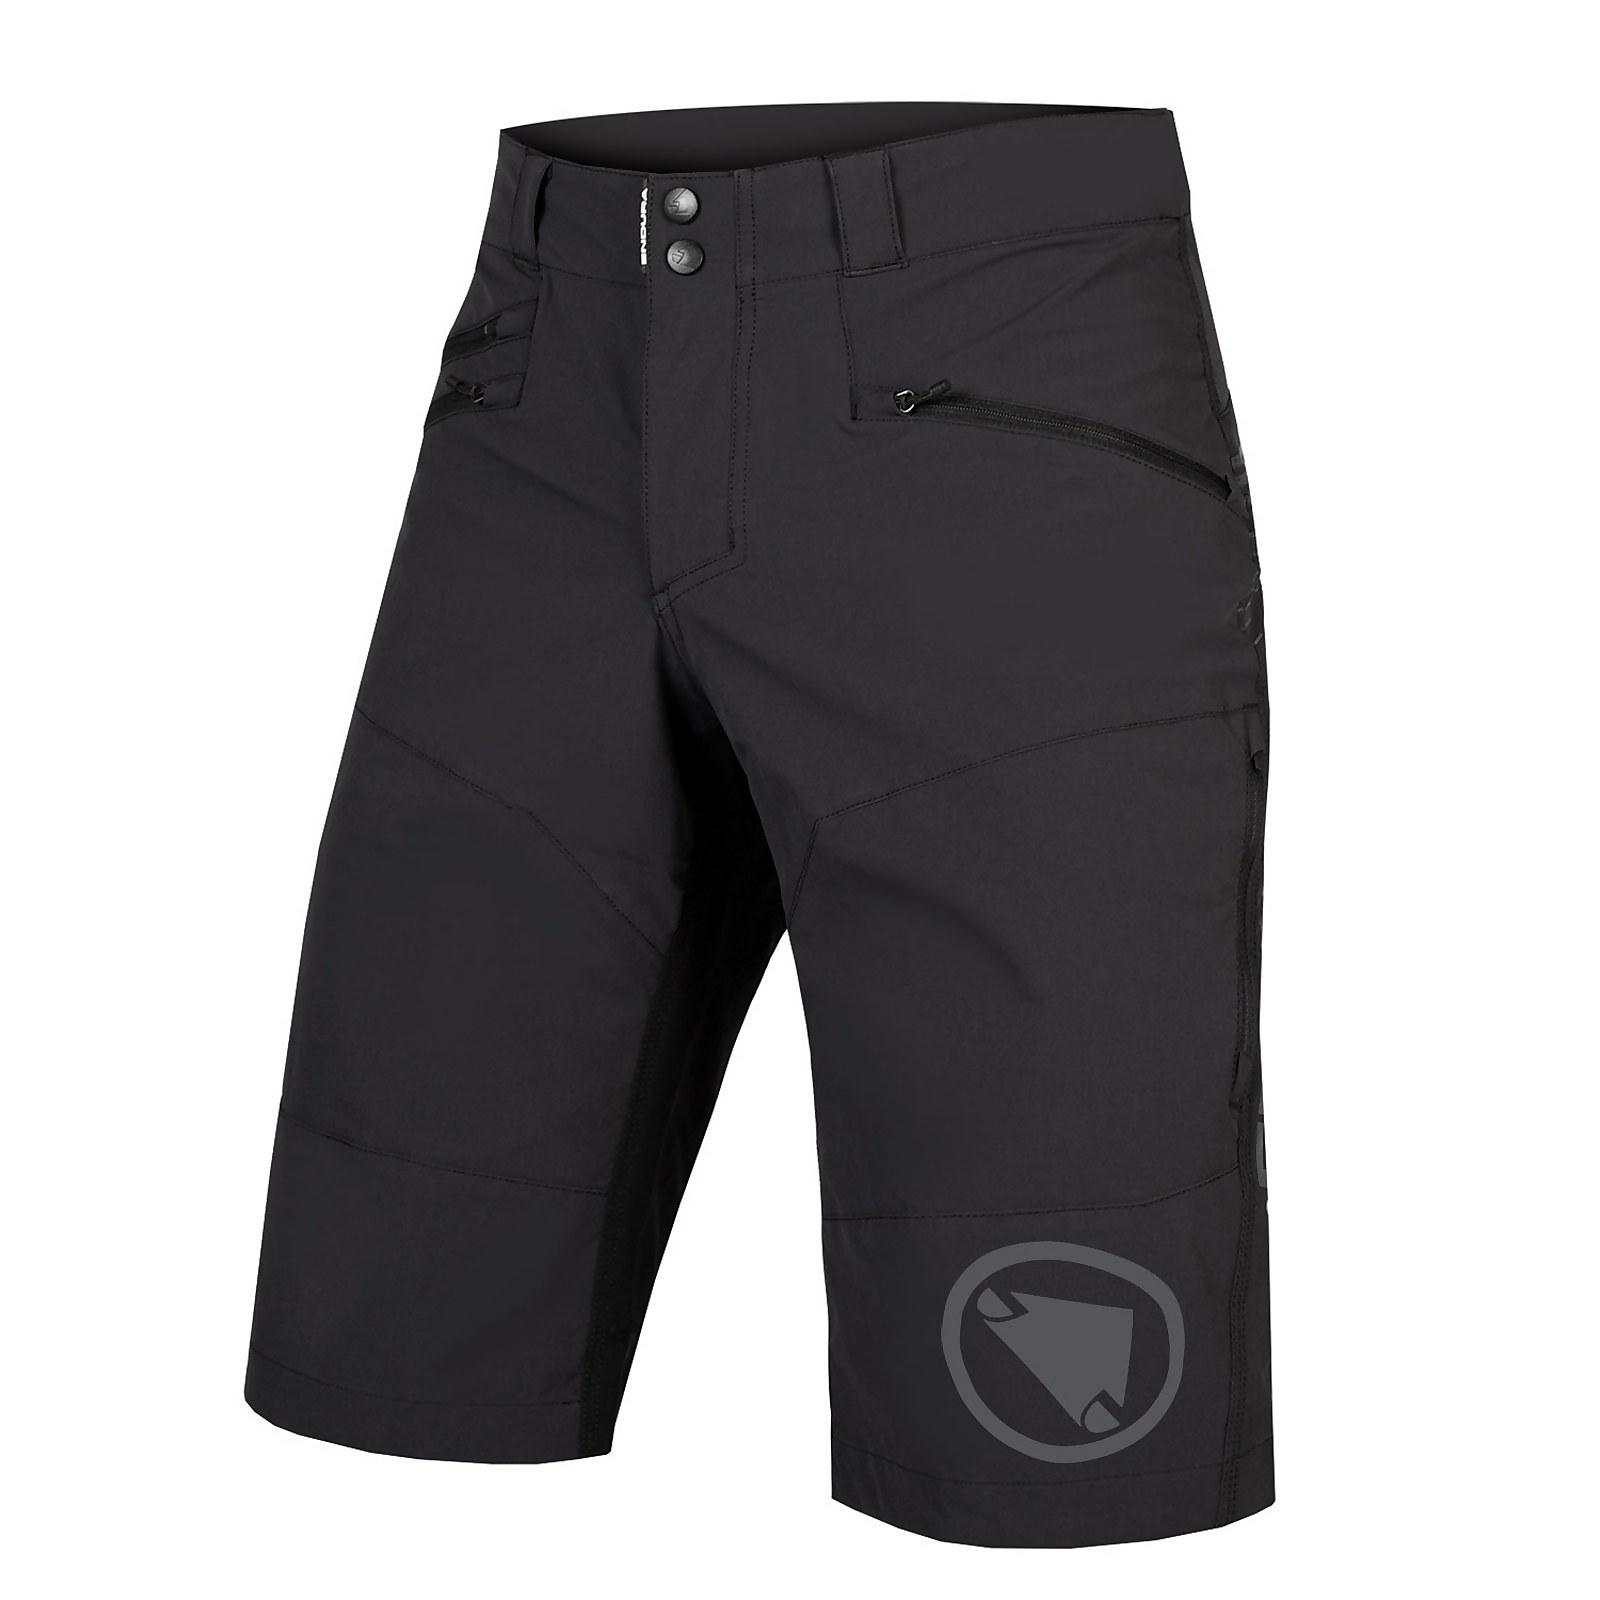 Singletrack Short Ii - Black - S